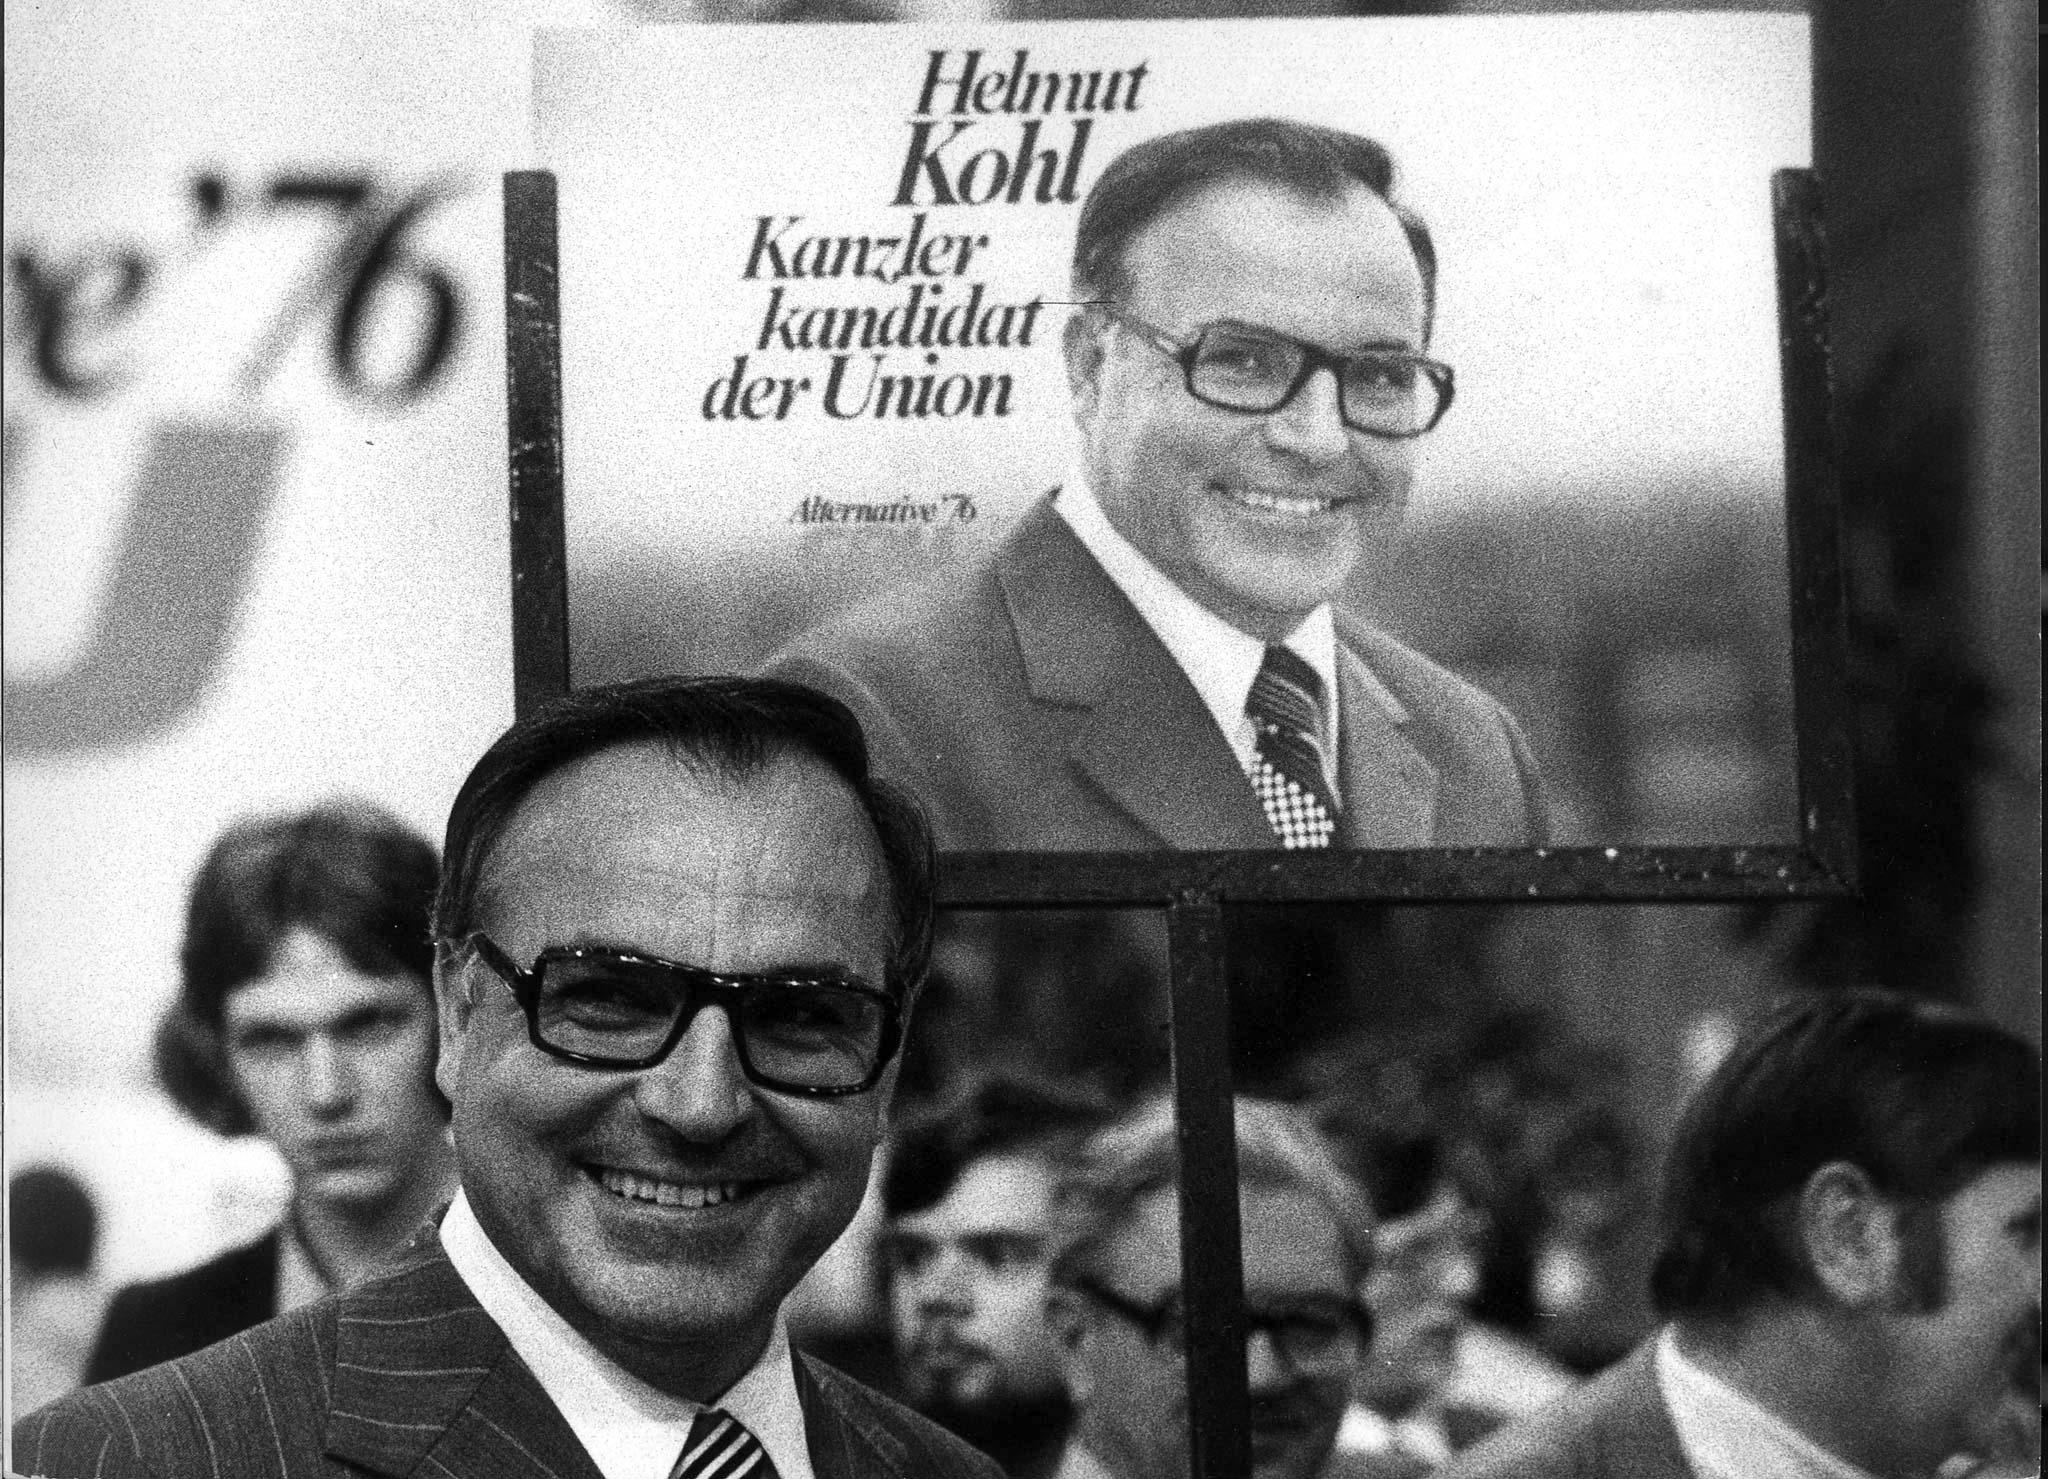 Helmut Kohl à frente de um poster da sua campanha, 1975